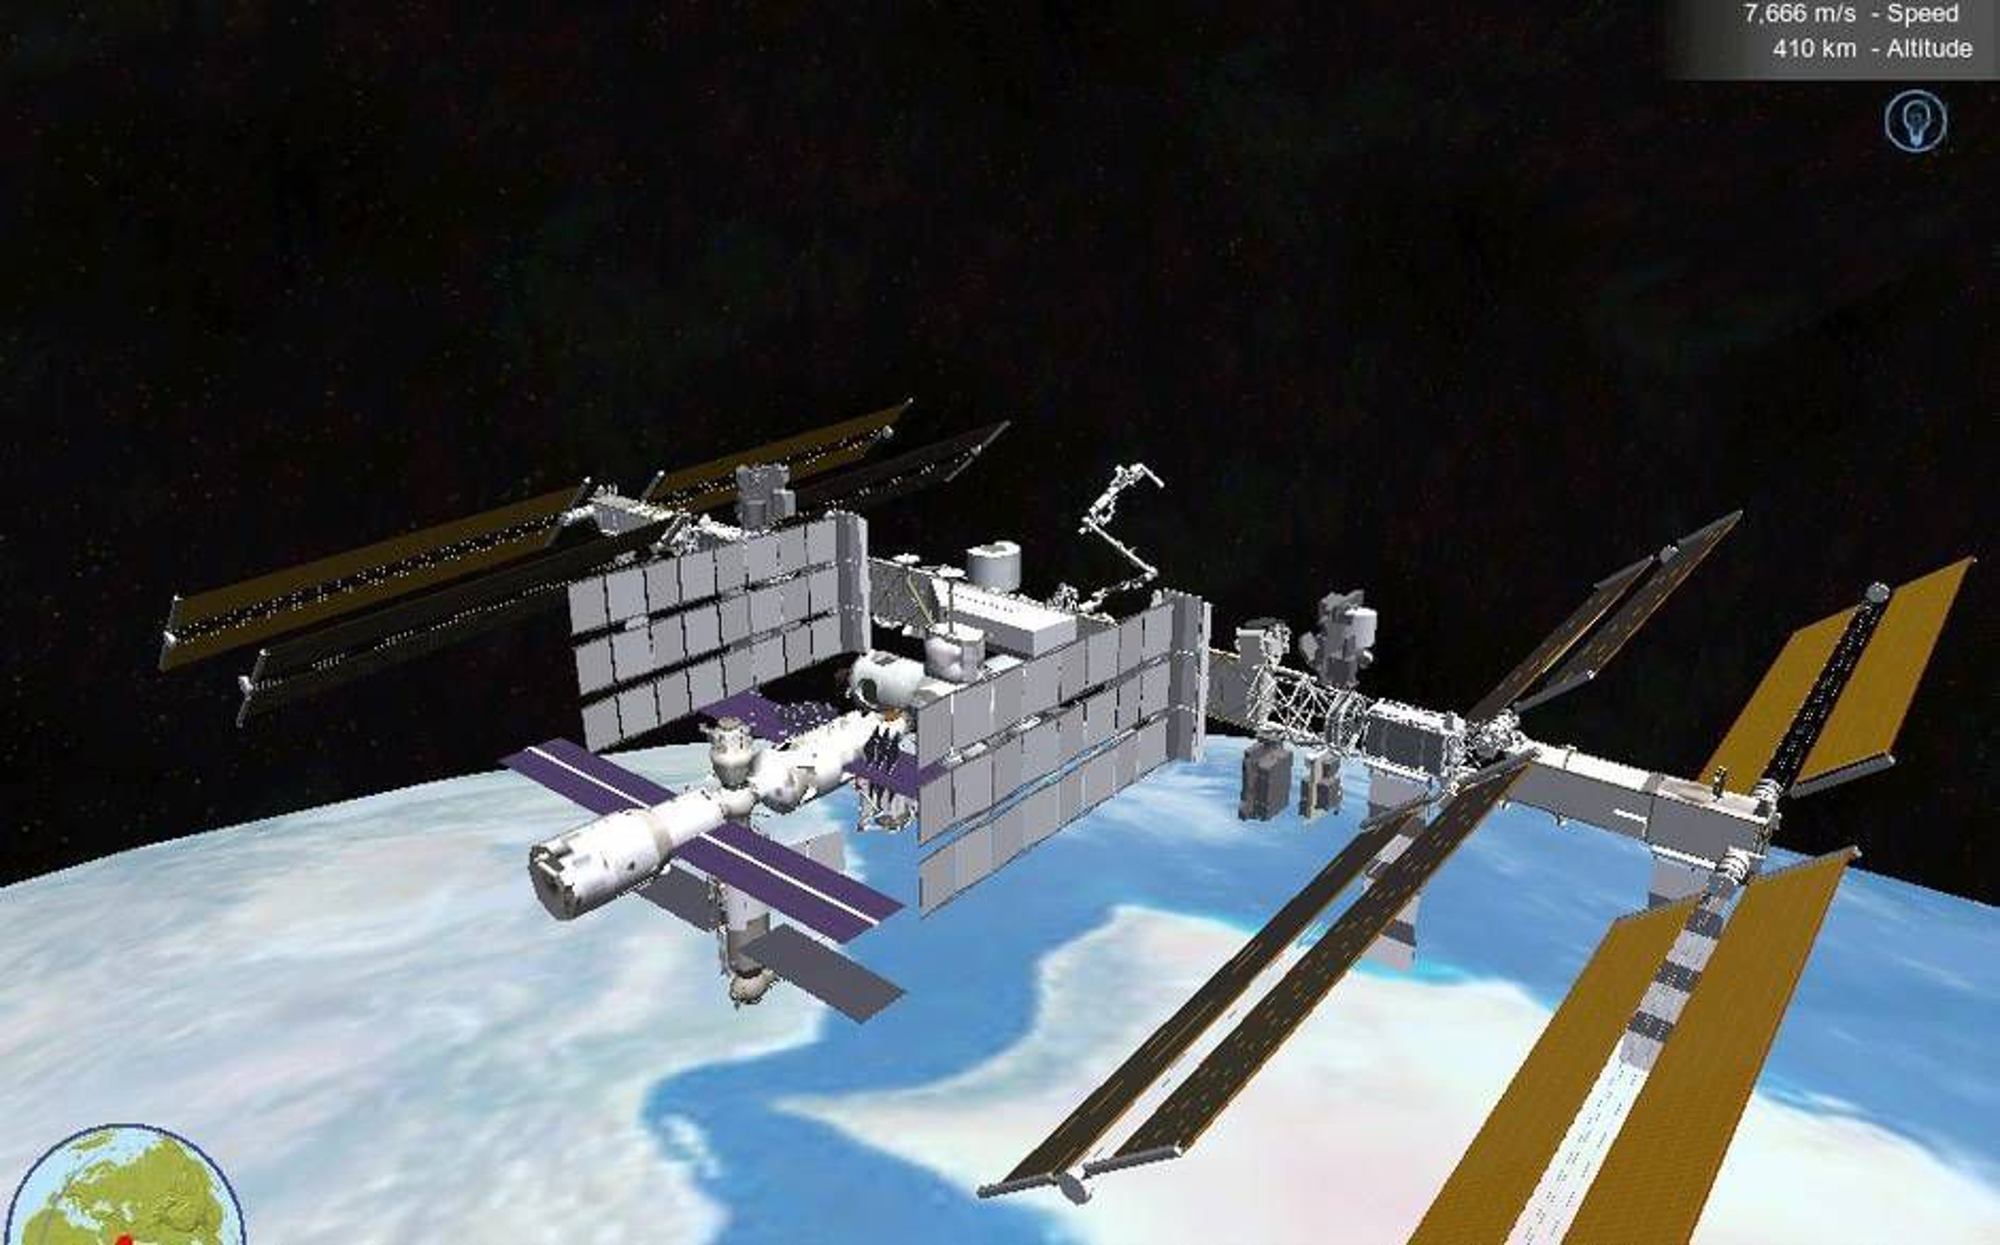 NASA-app lar deg følge romstasjonen live